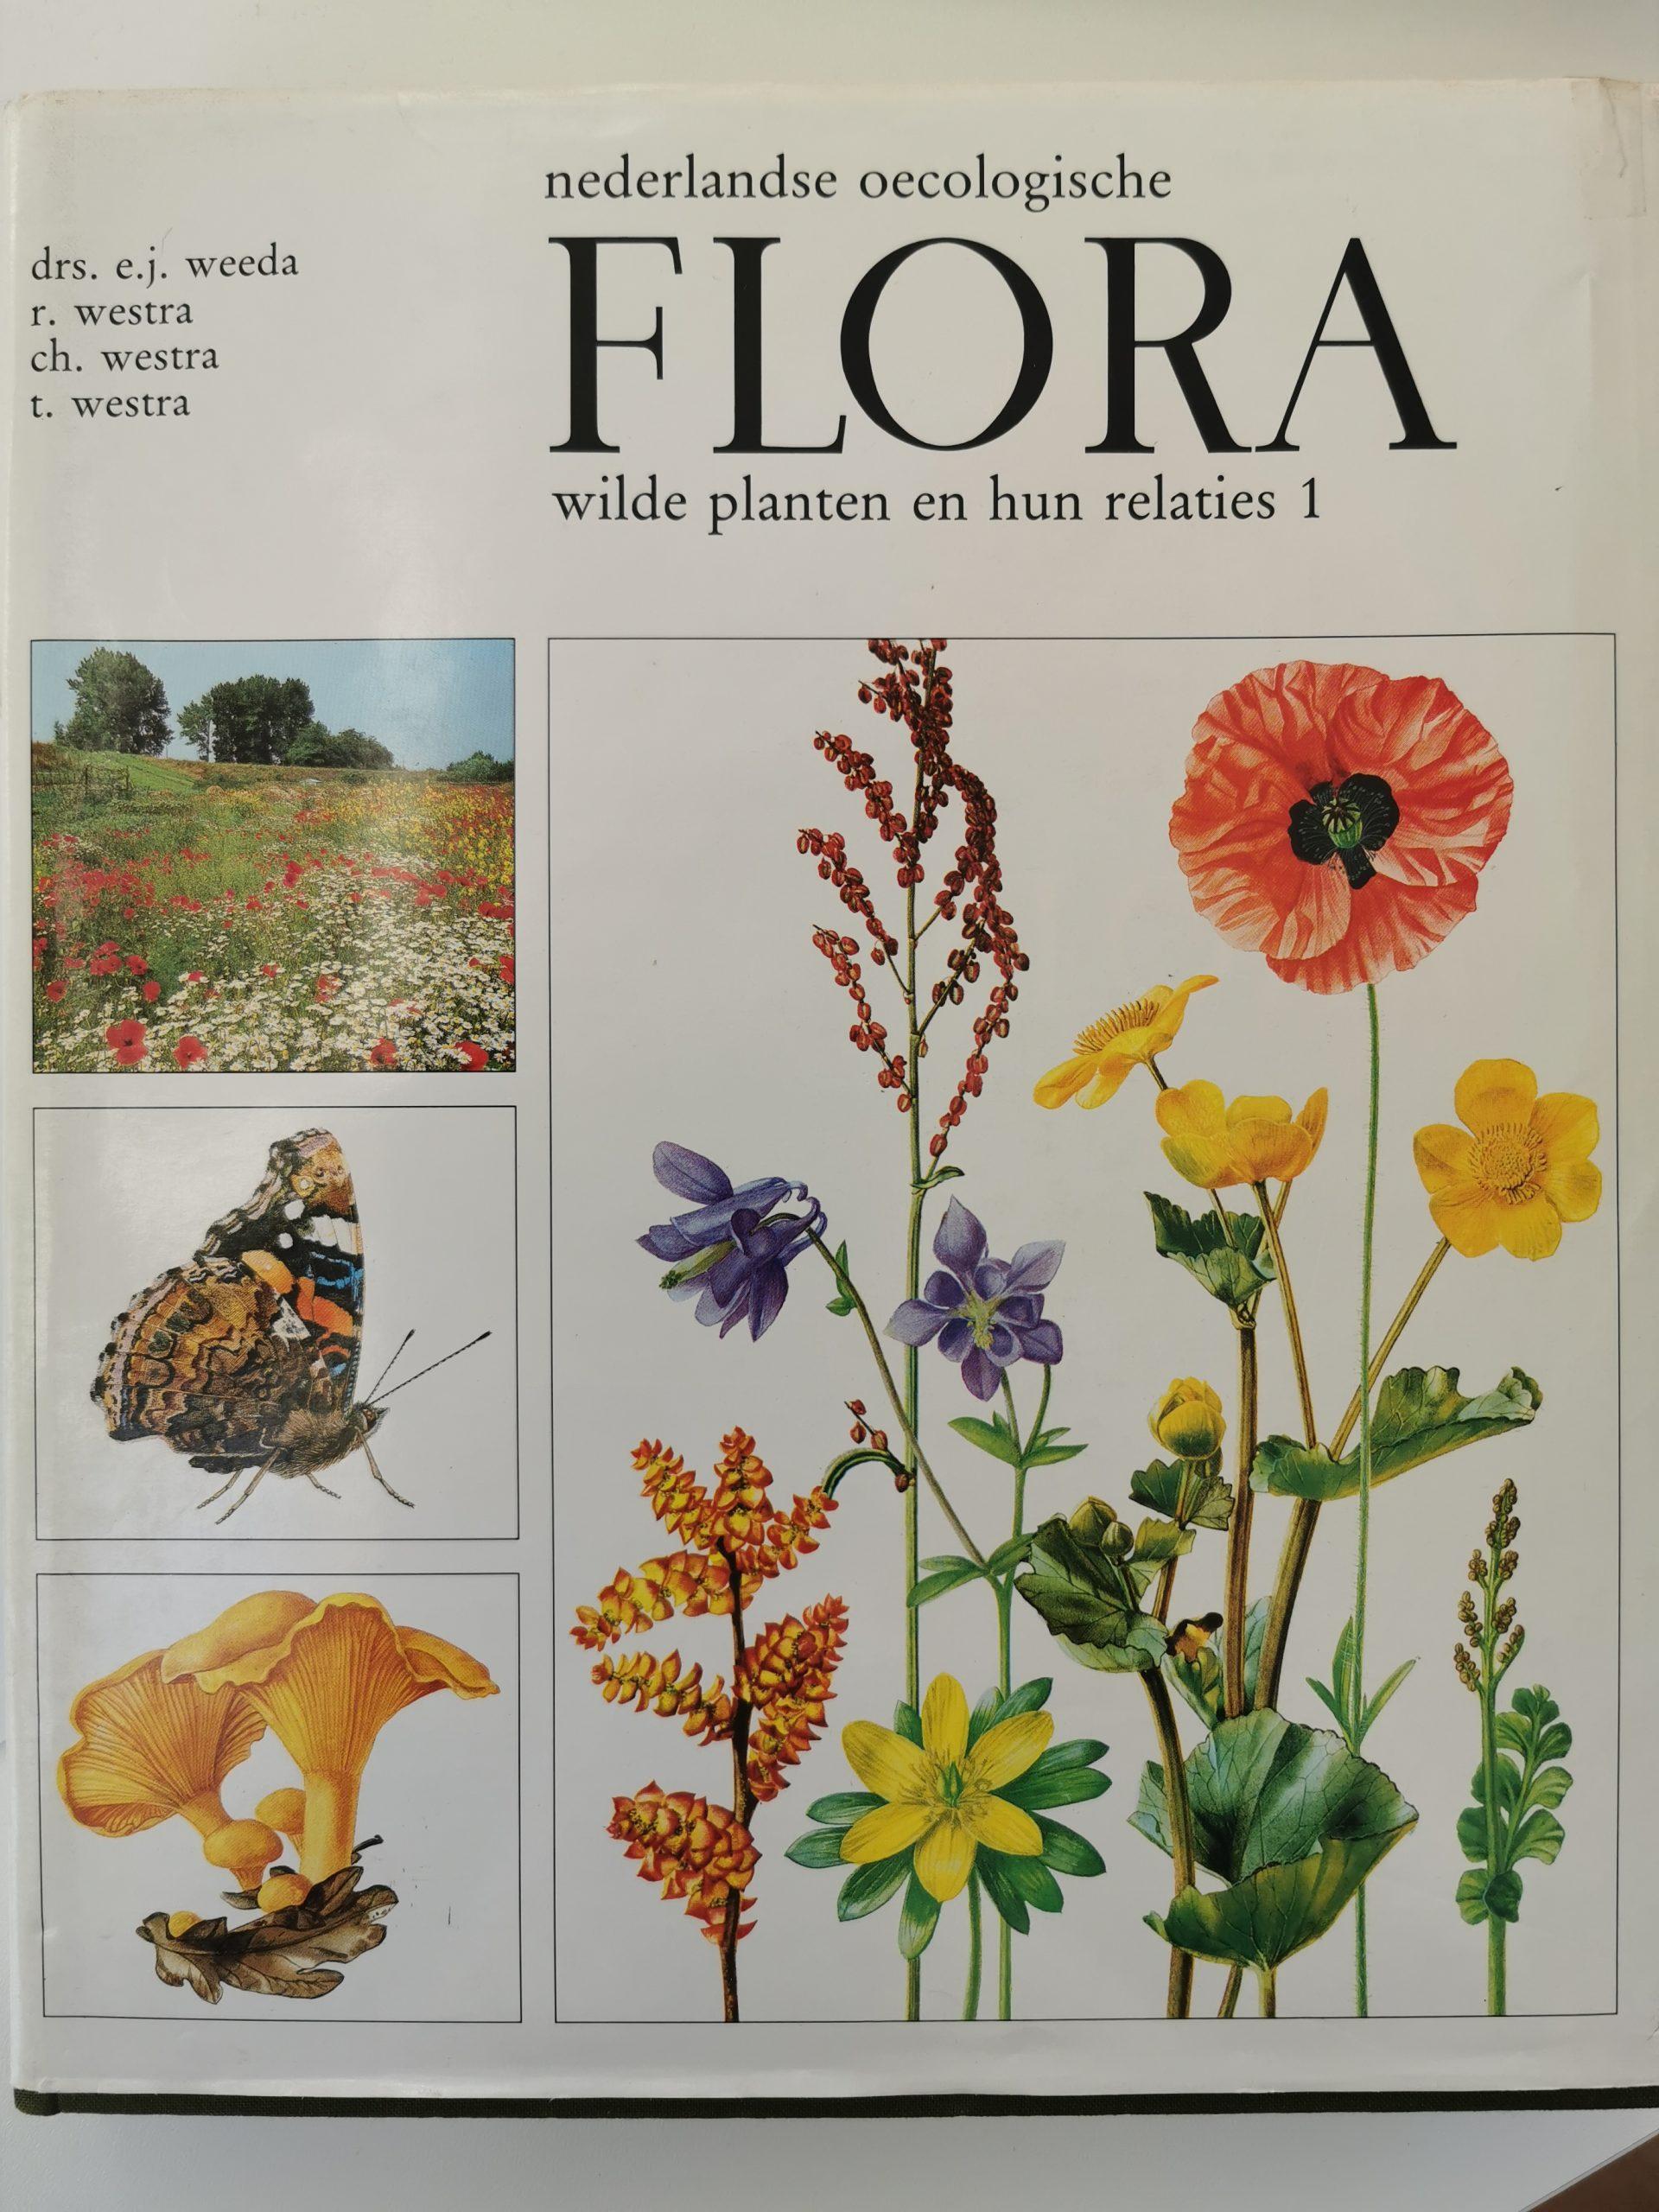 Nederlandse oecologische flora, wilde planten en hun relaties 1